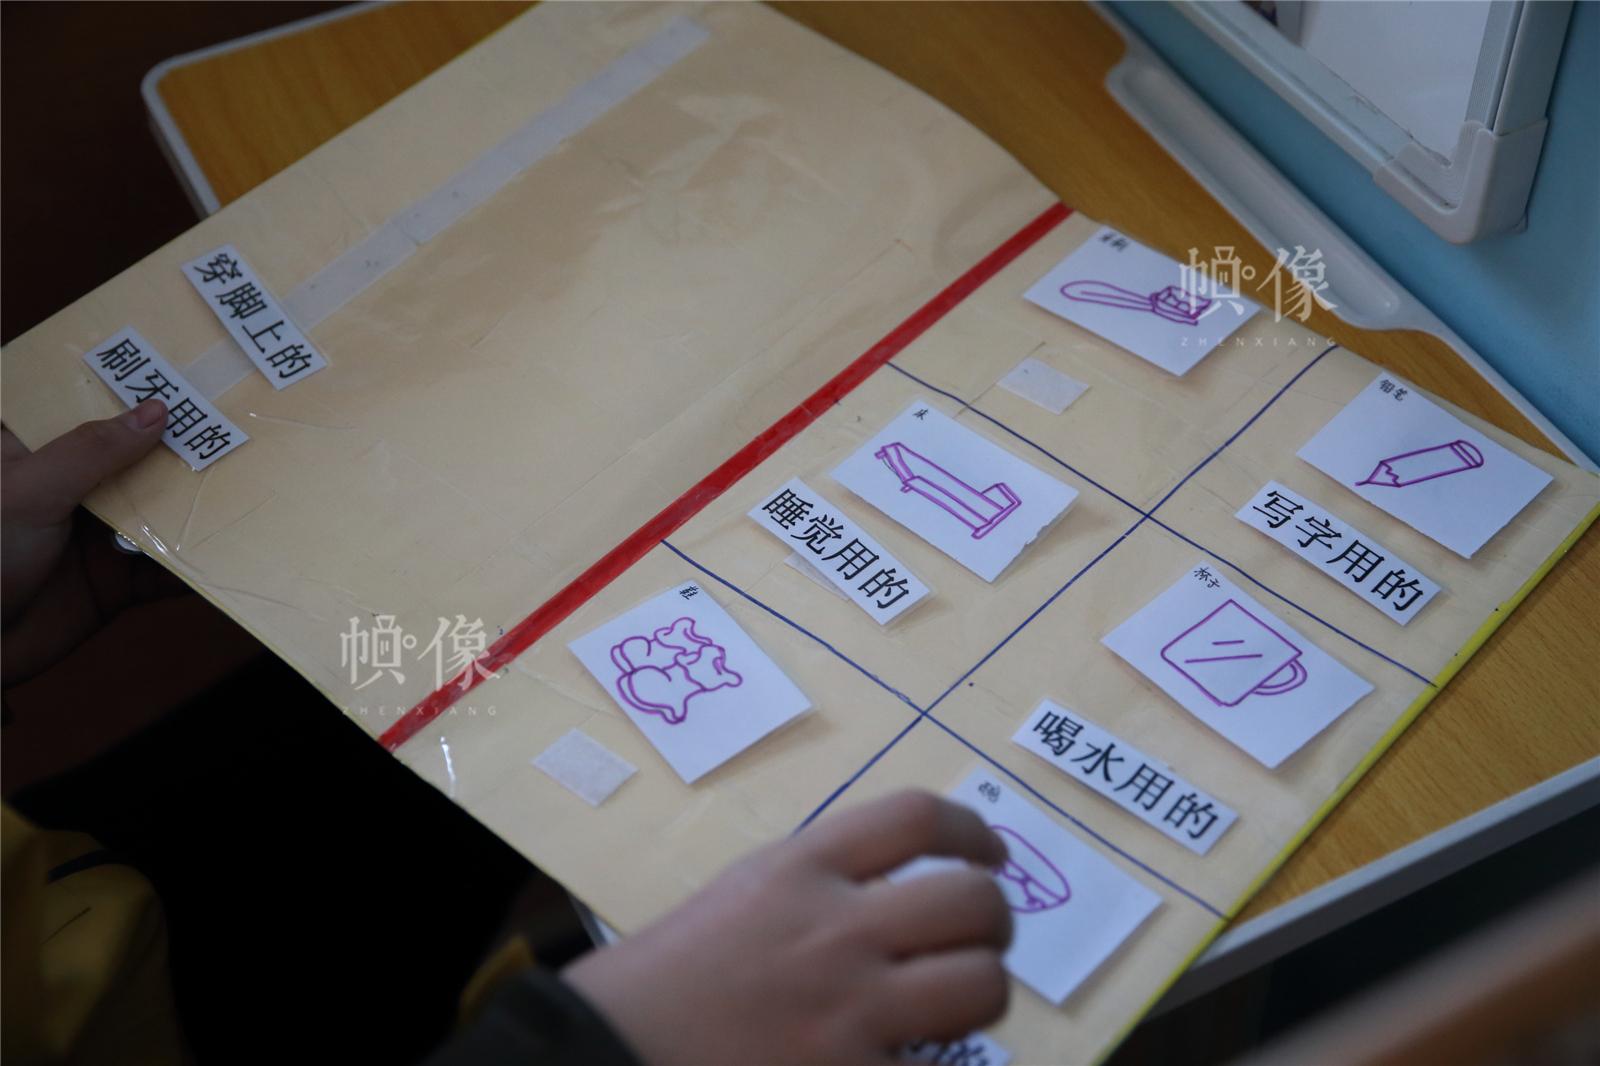 """2017年3月27日,北京星星雨教育研究所,14岁的自闭症孩子旭旭在进行""""独立工作""""的训练。中国网记者陈维松 摄"""